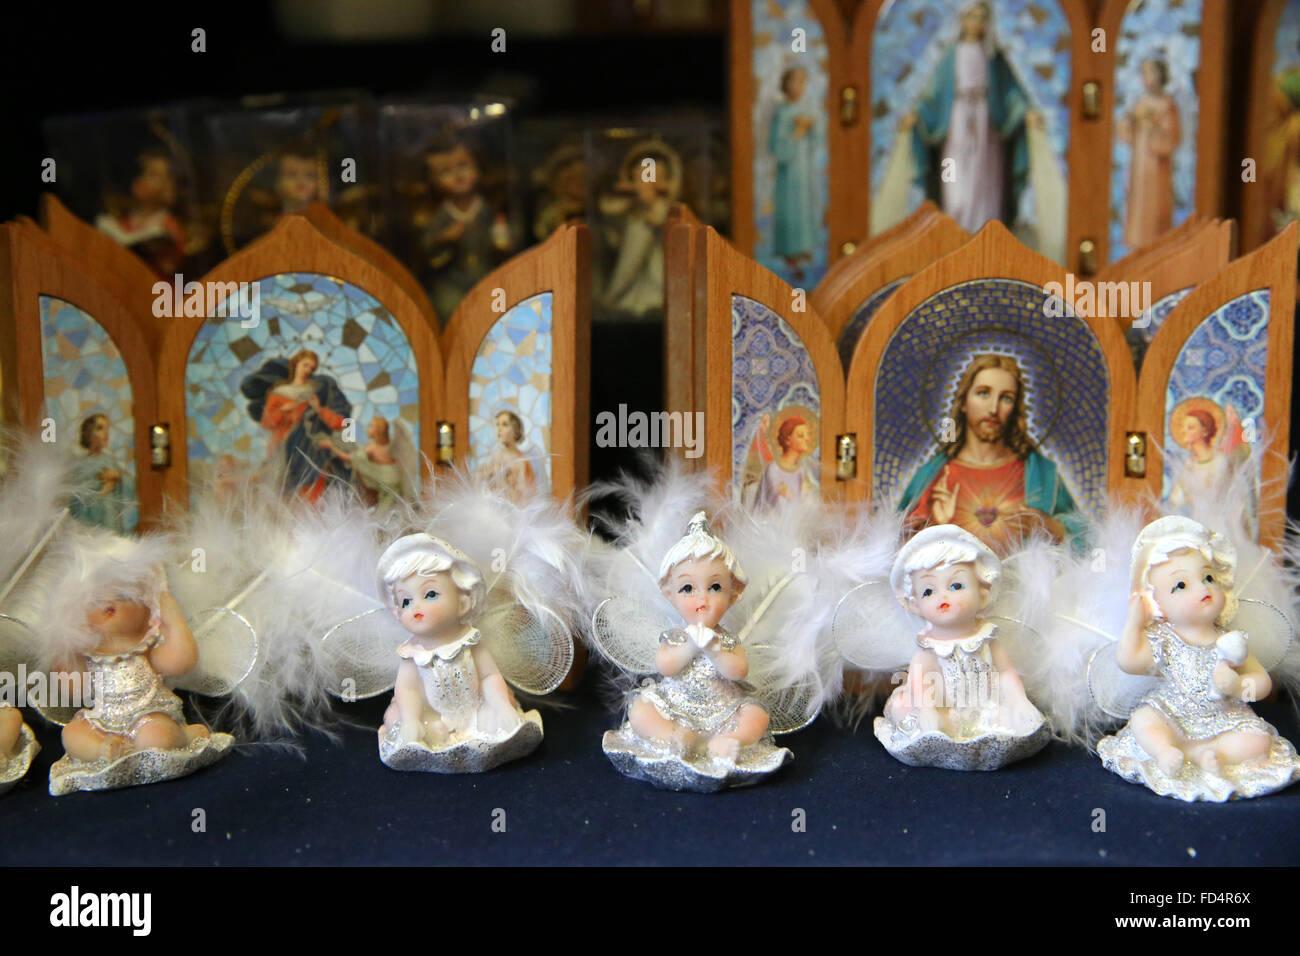 La foi catholique Store. Les articles religieux. Des anges. Photo Stock